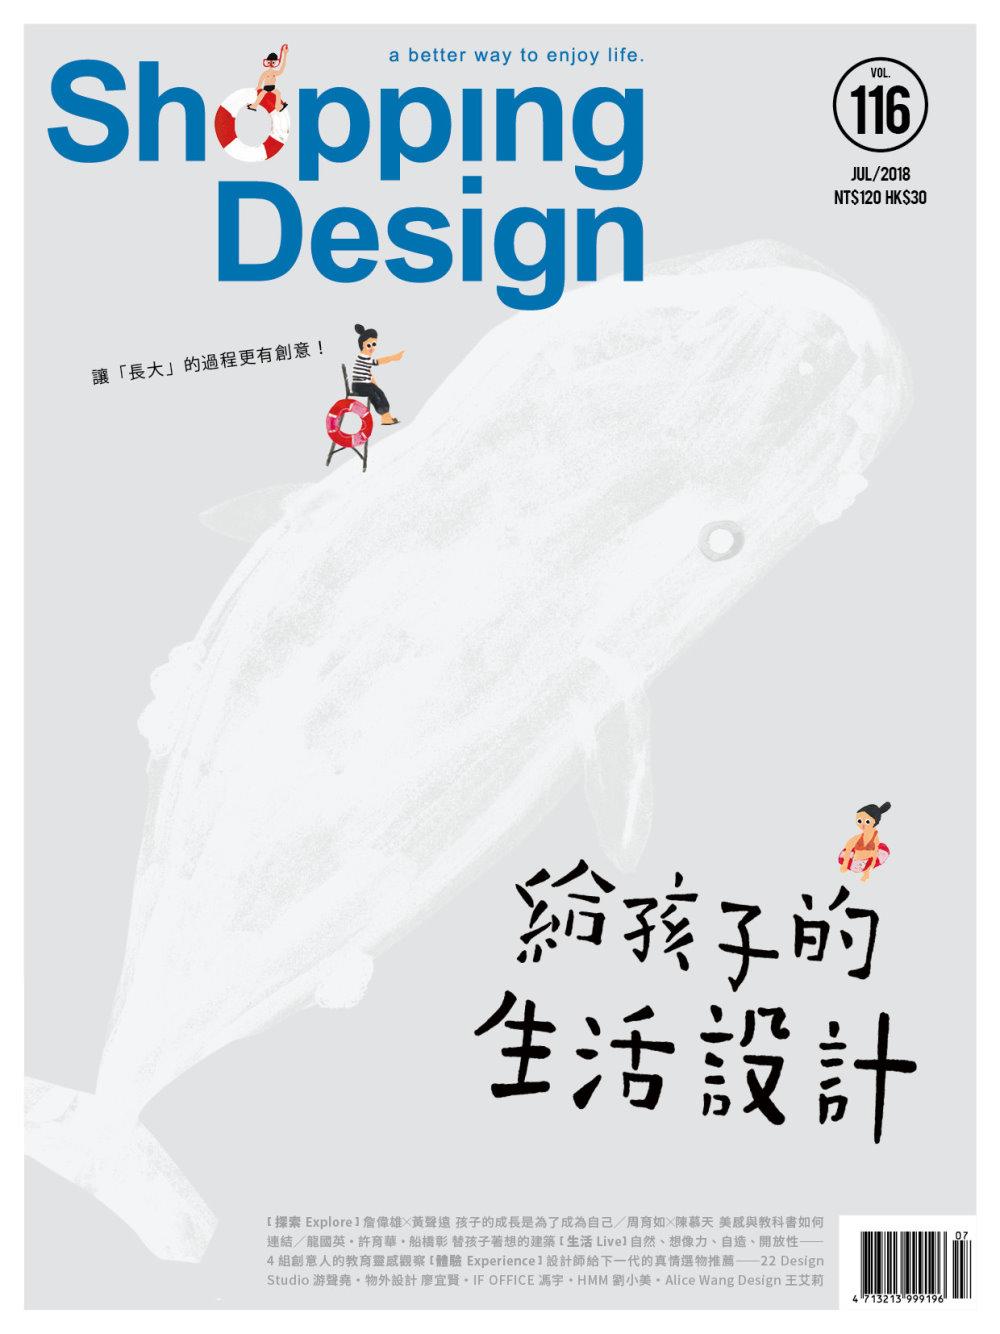 Shopping Design設計採買誌 7月號/2018 第116期